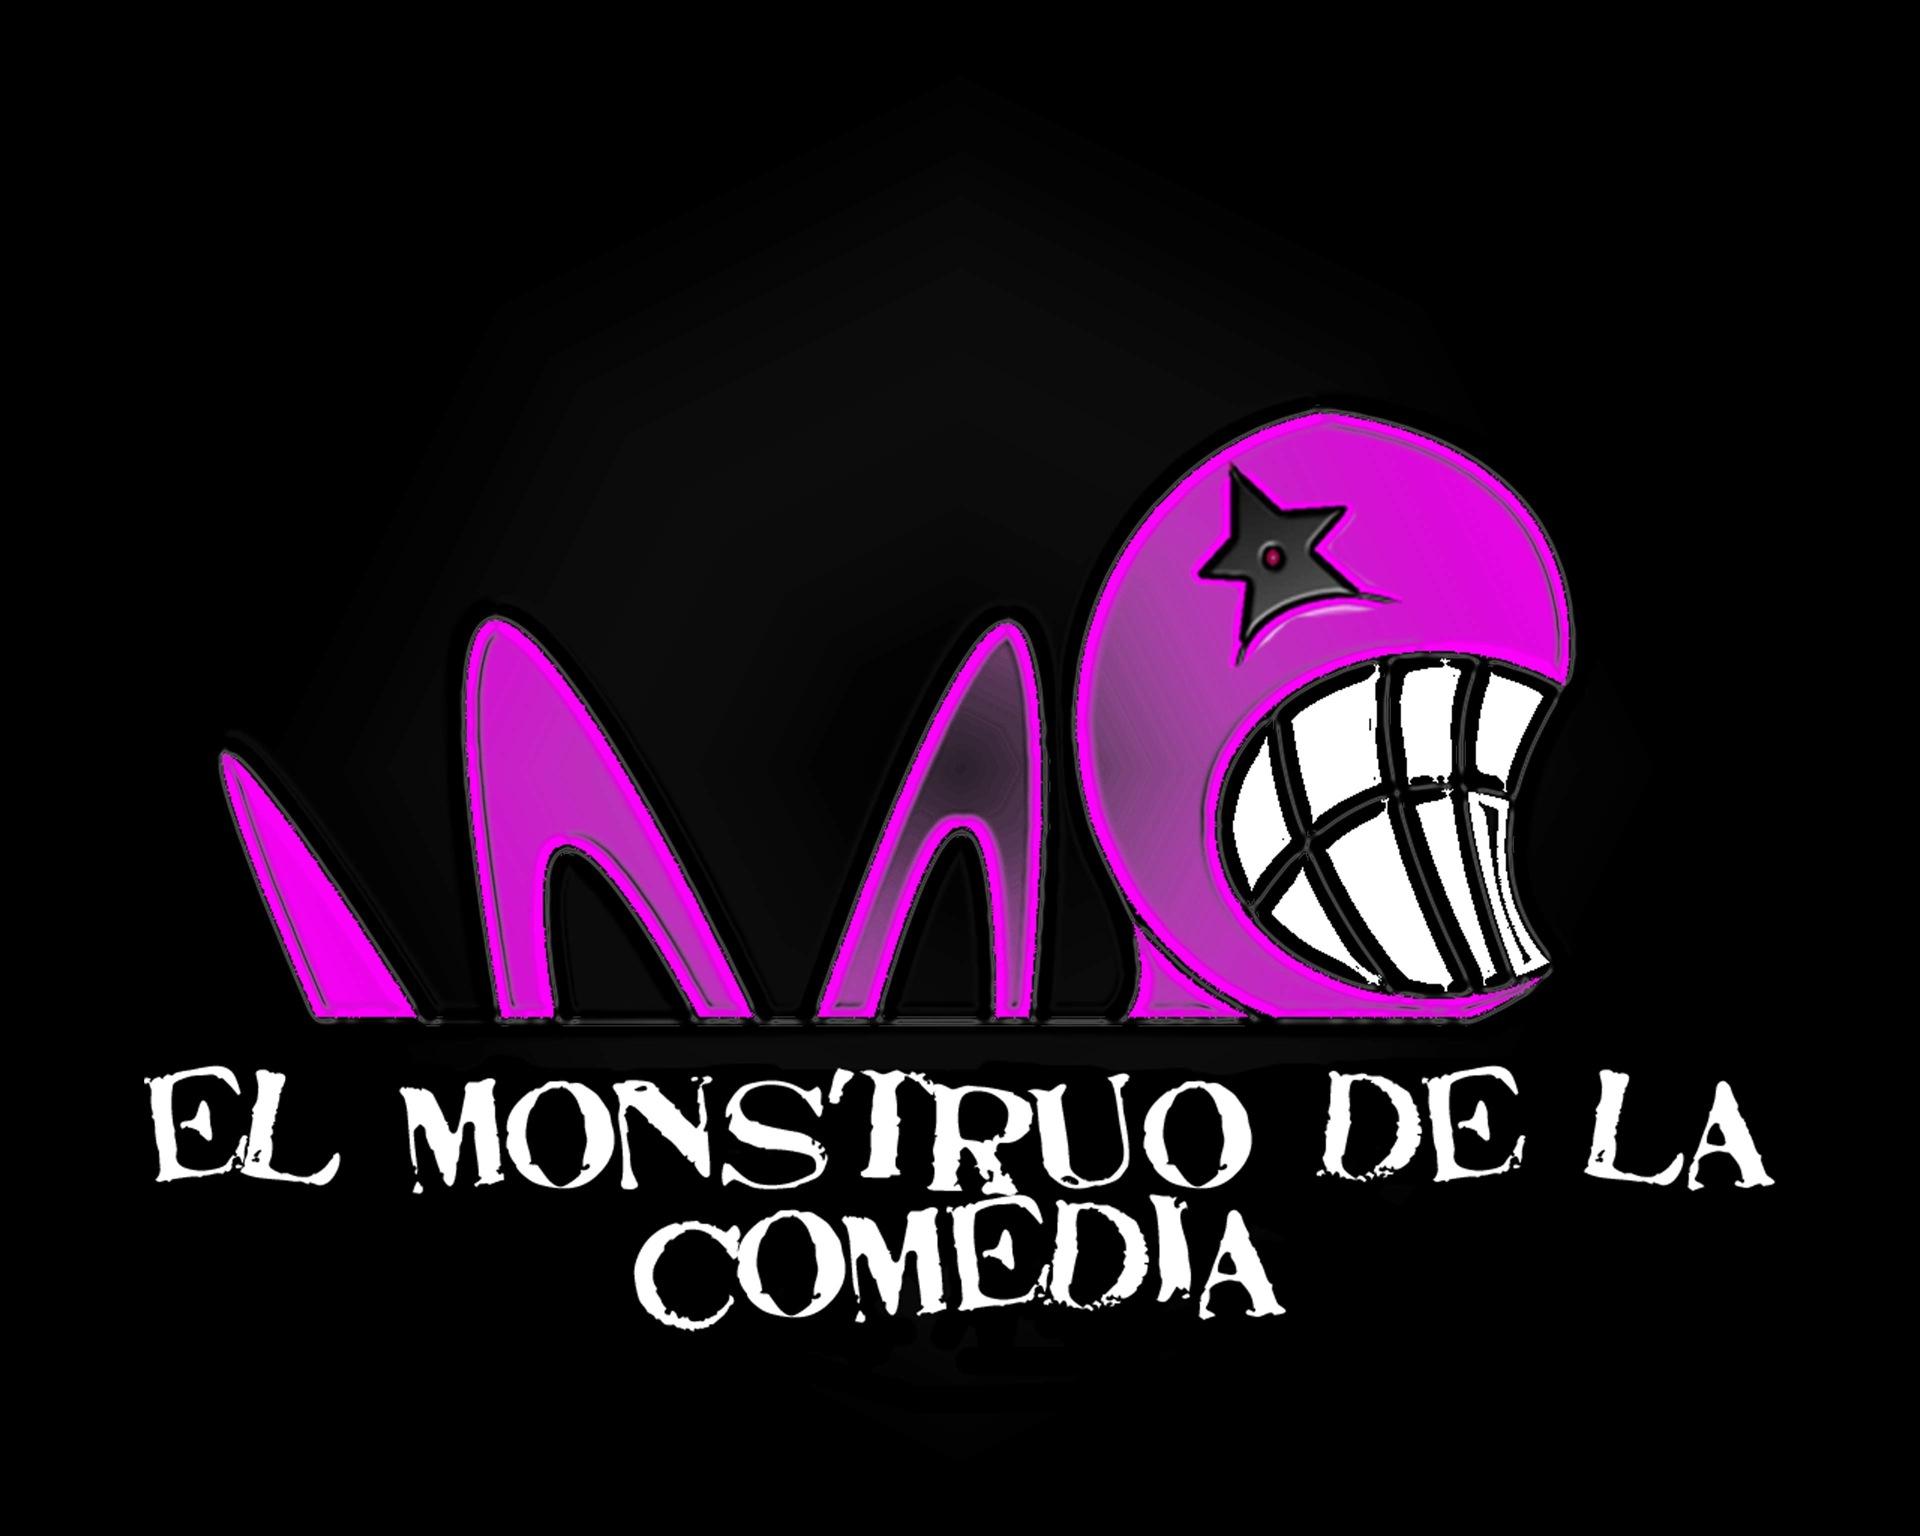 Yo Voy al Monstruo (#YoVoyAlMonstruo)